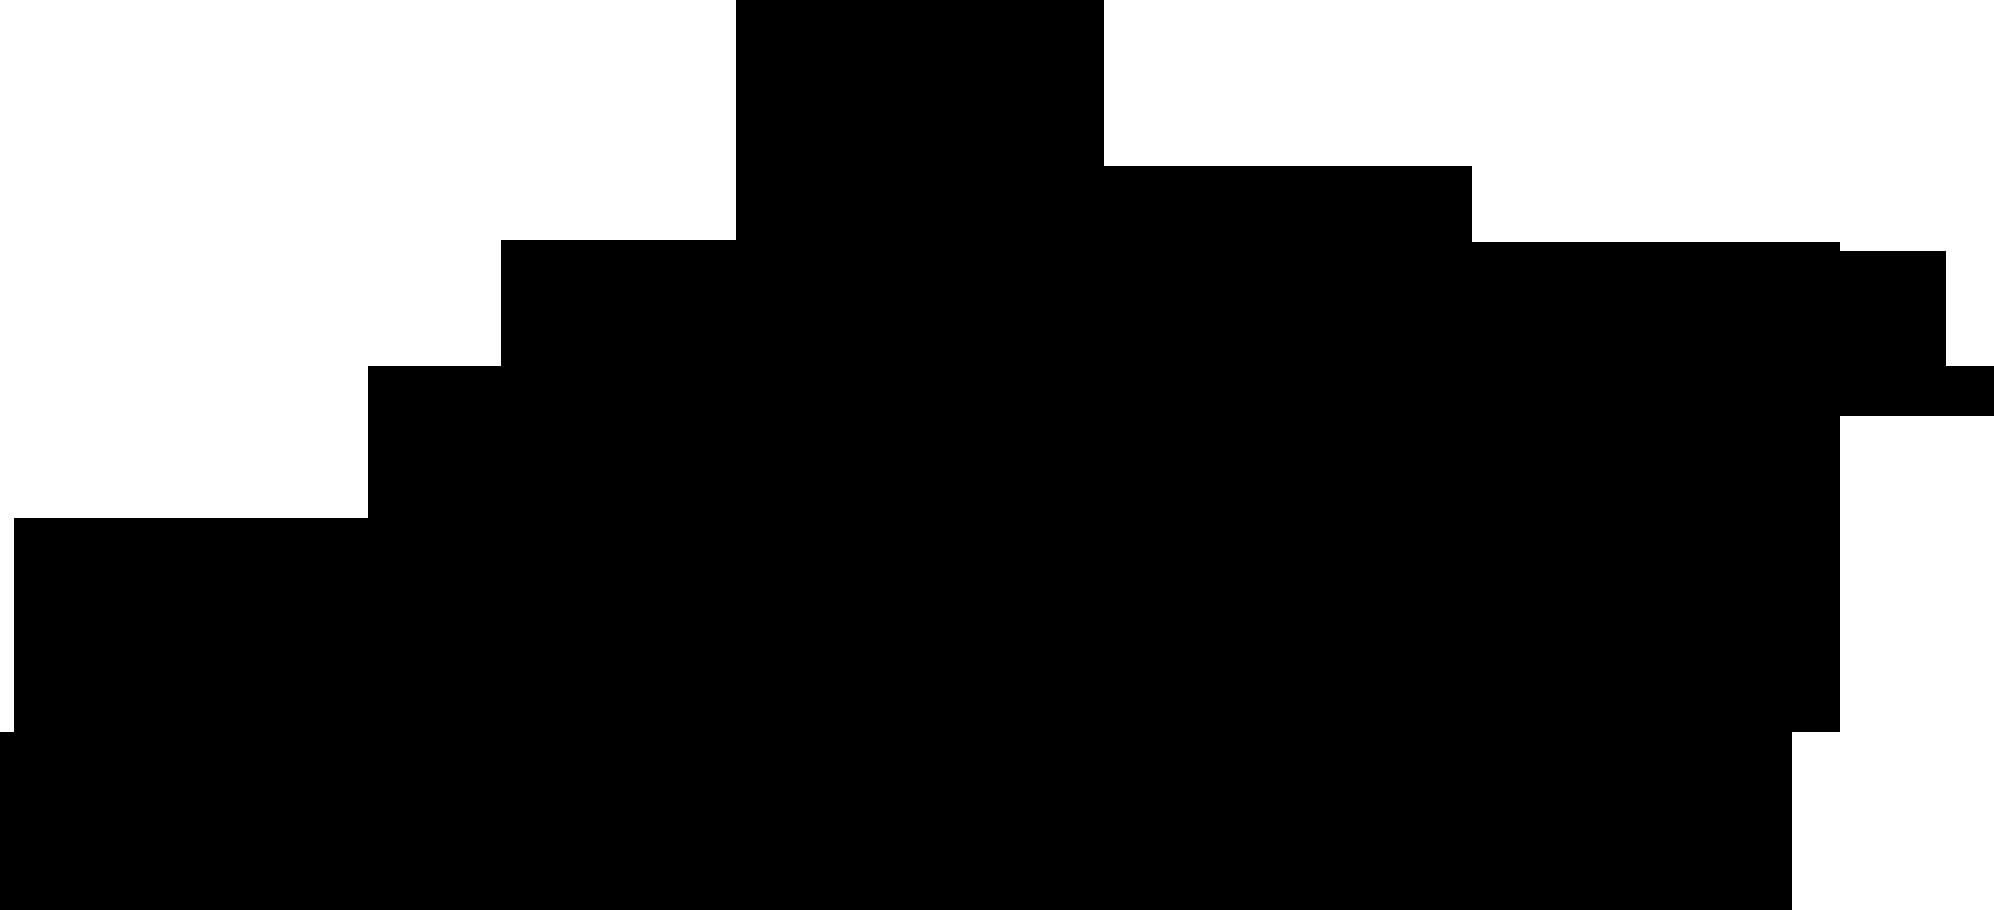 سكرابز زخارف سكرابز بدون تحميل مجتمع رجيم